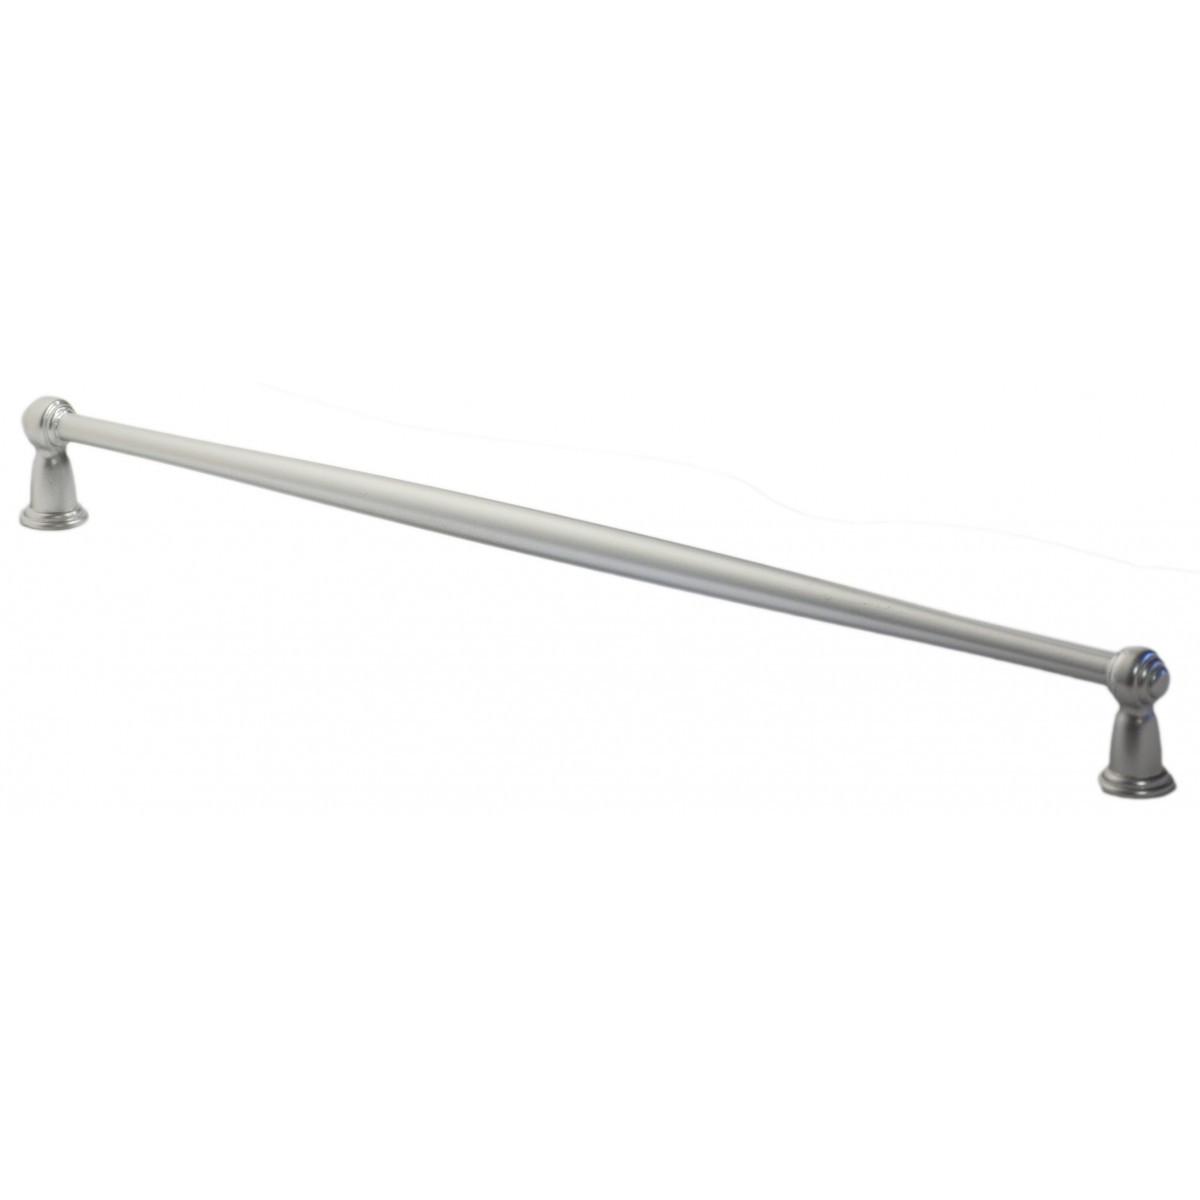 Ручка мебельная Ozkardesler 5424-012 ALFA 320 мм Матовый Хром